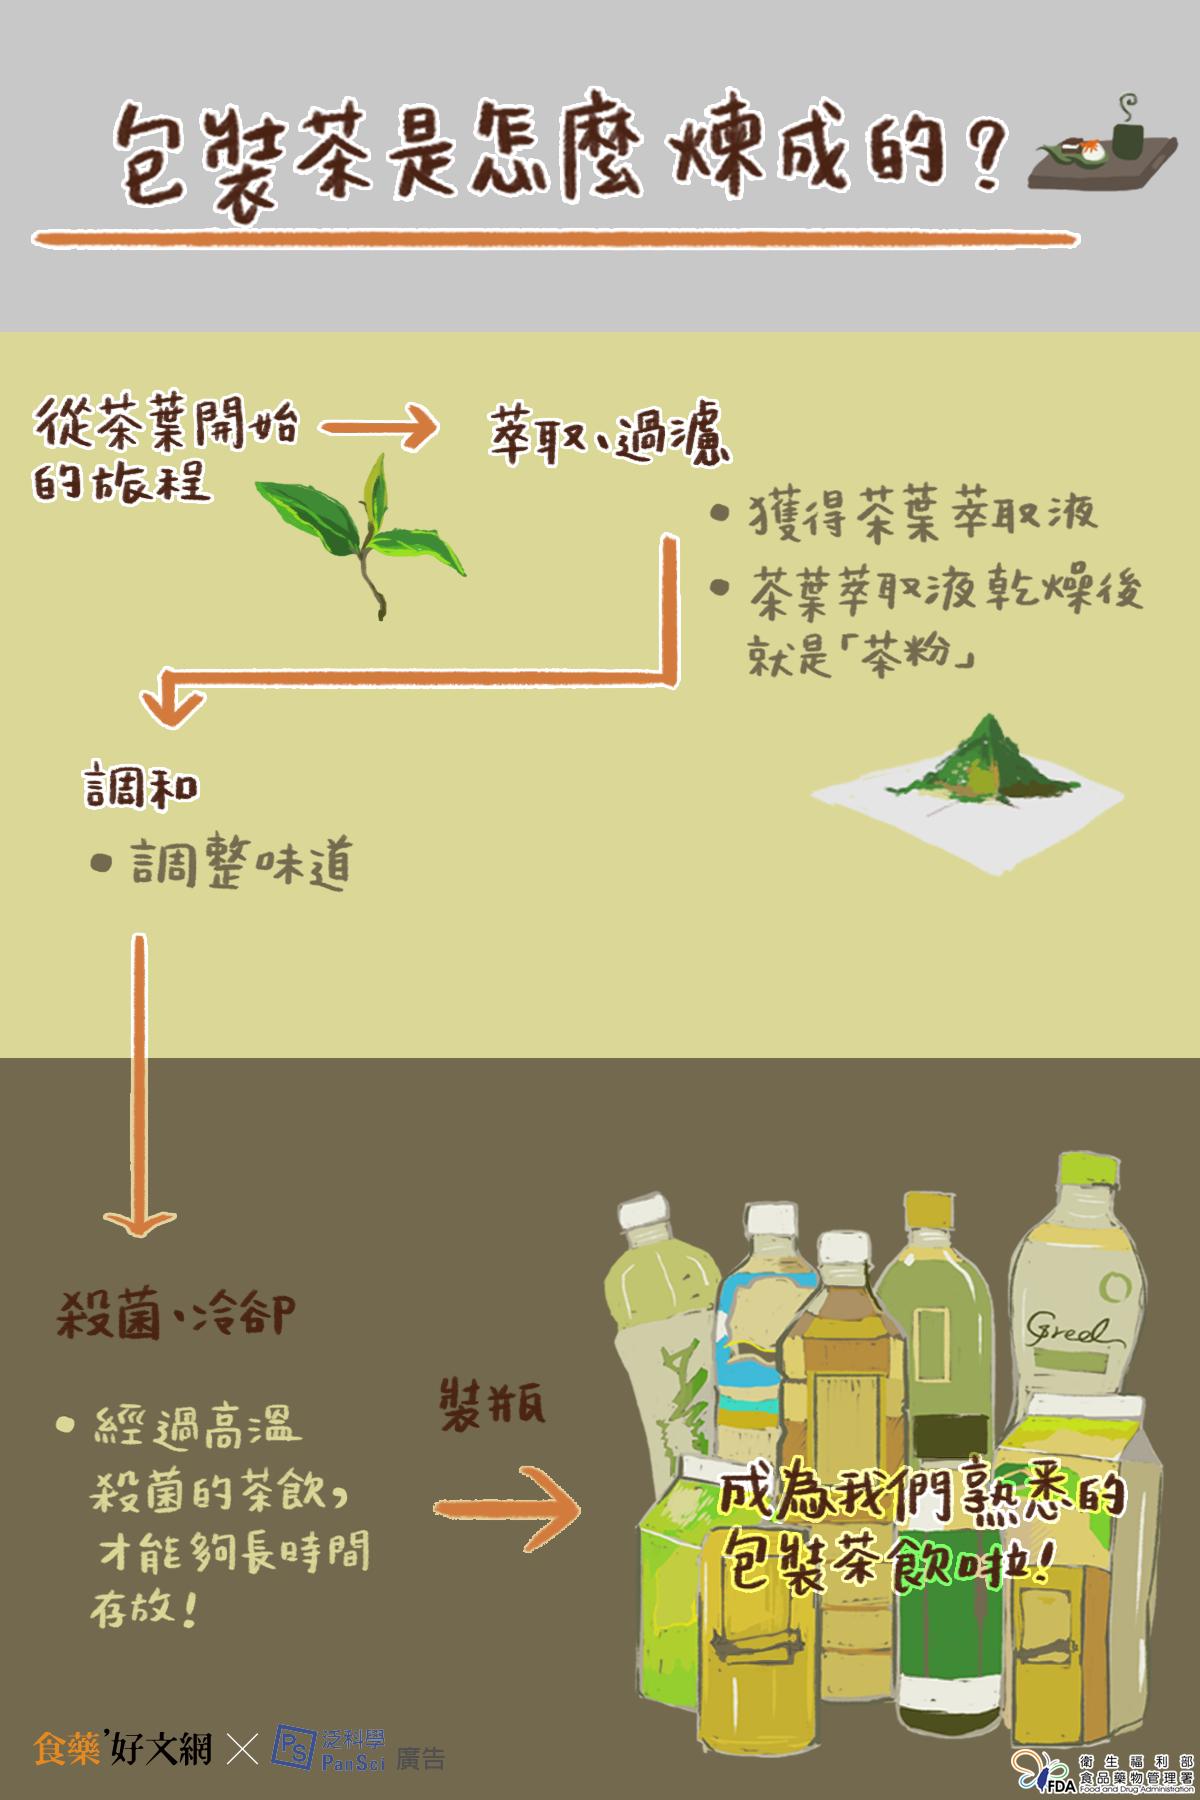 包裝茶是怎麼煉成的?